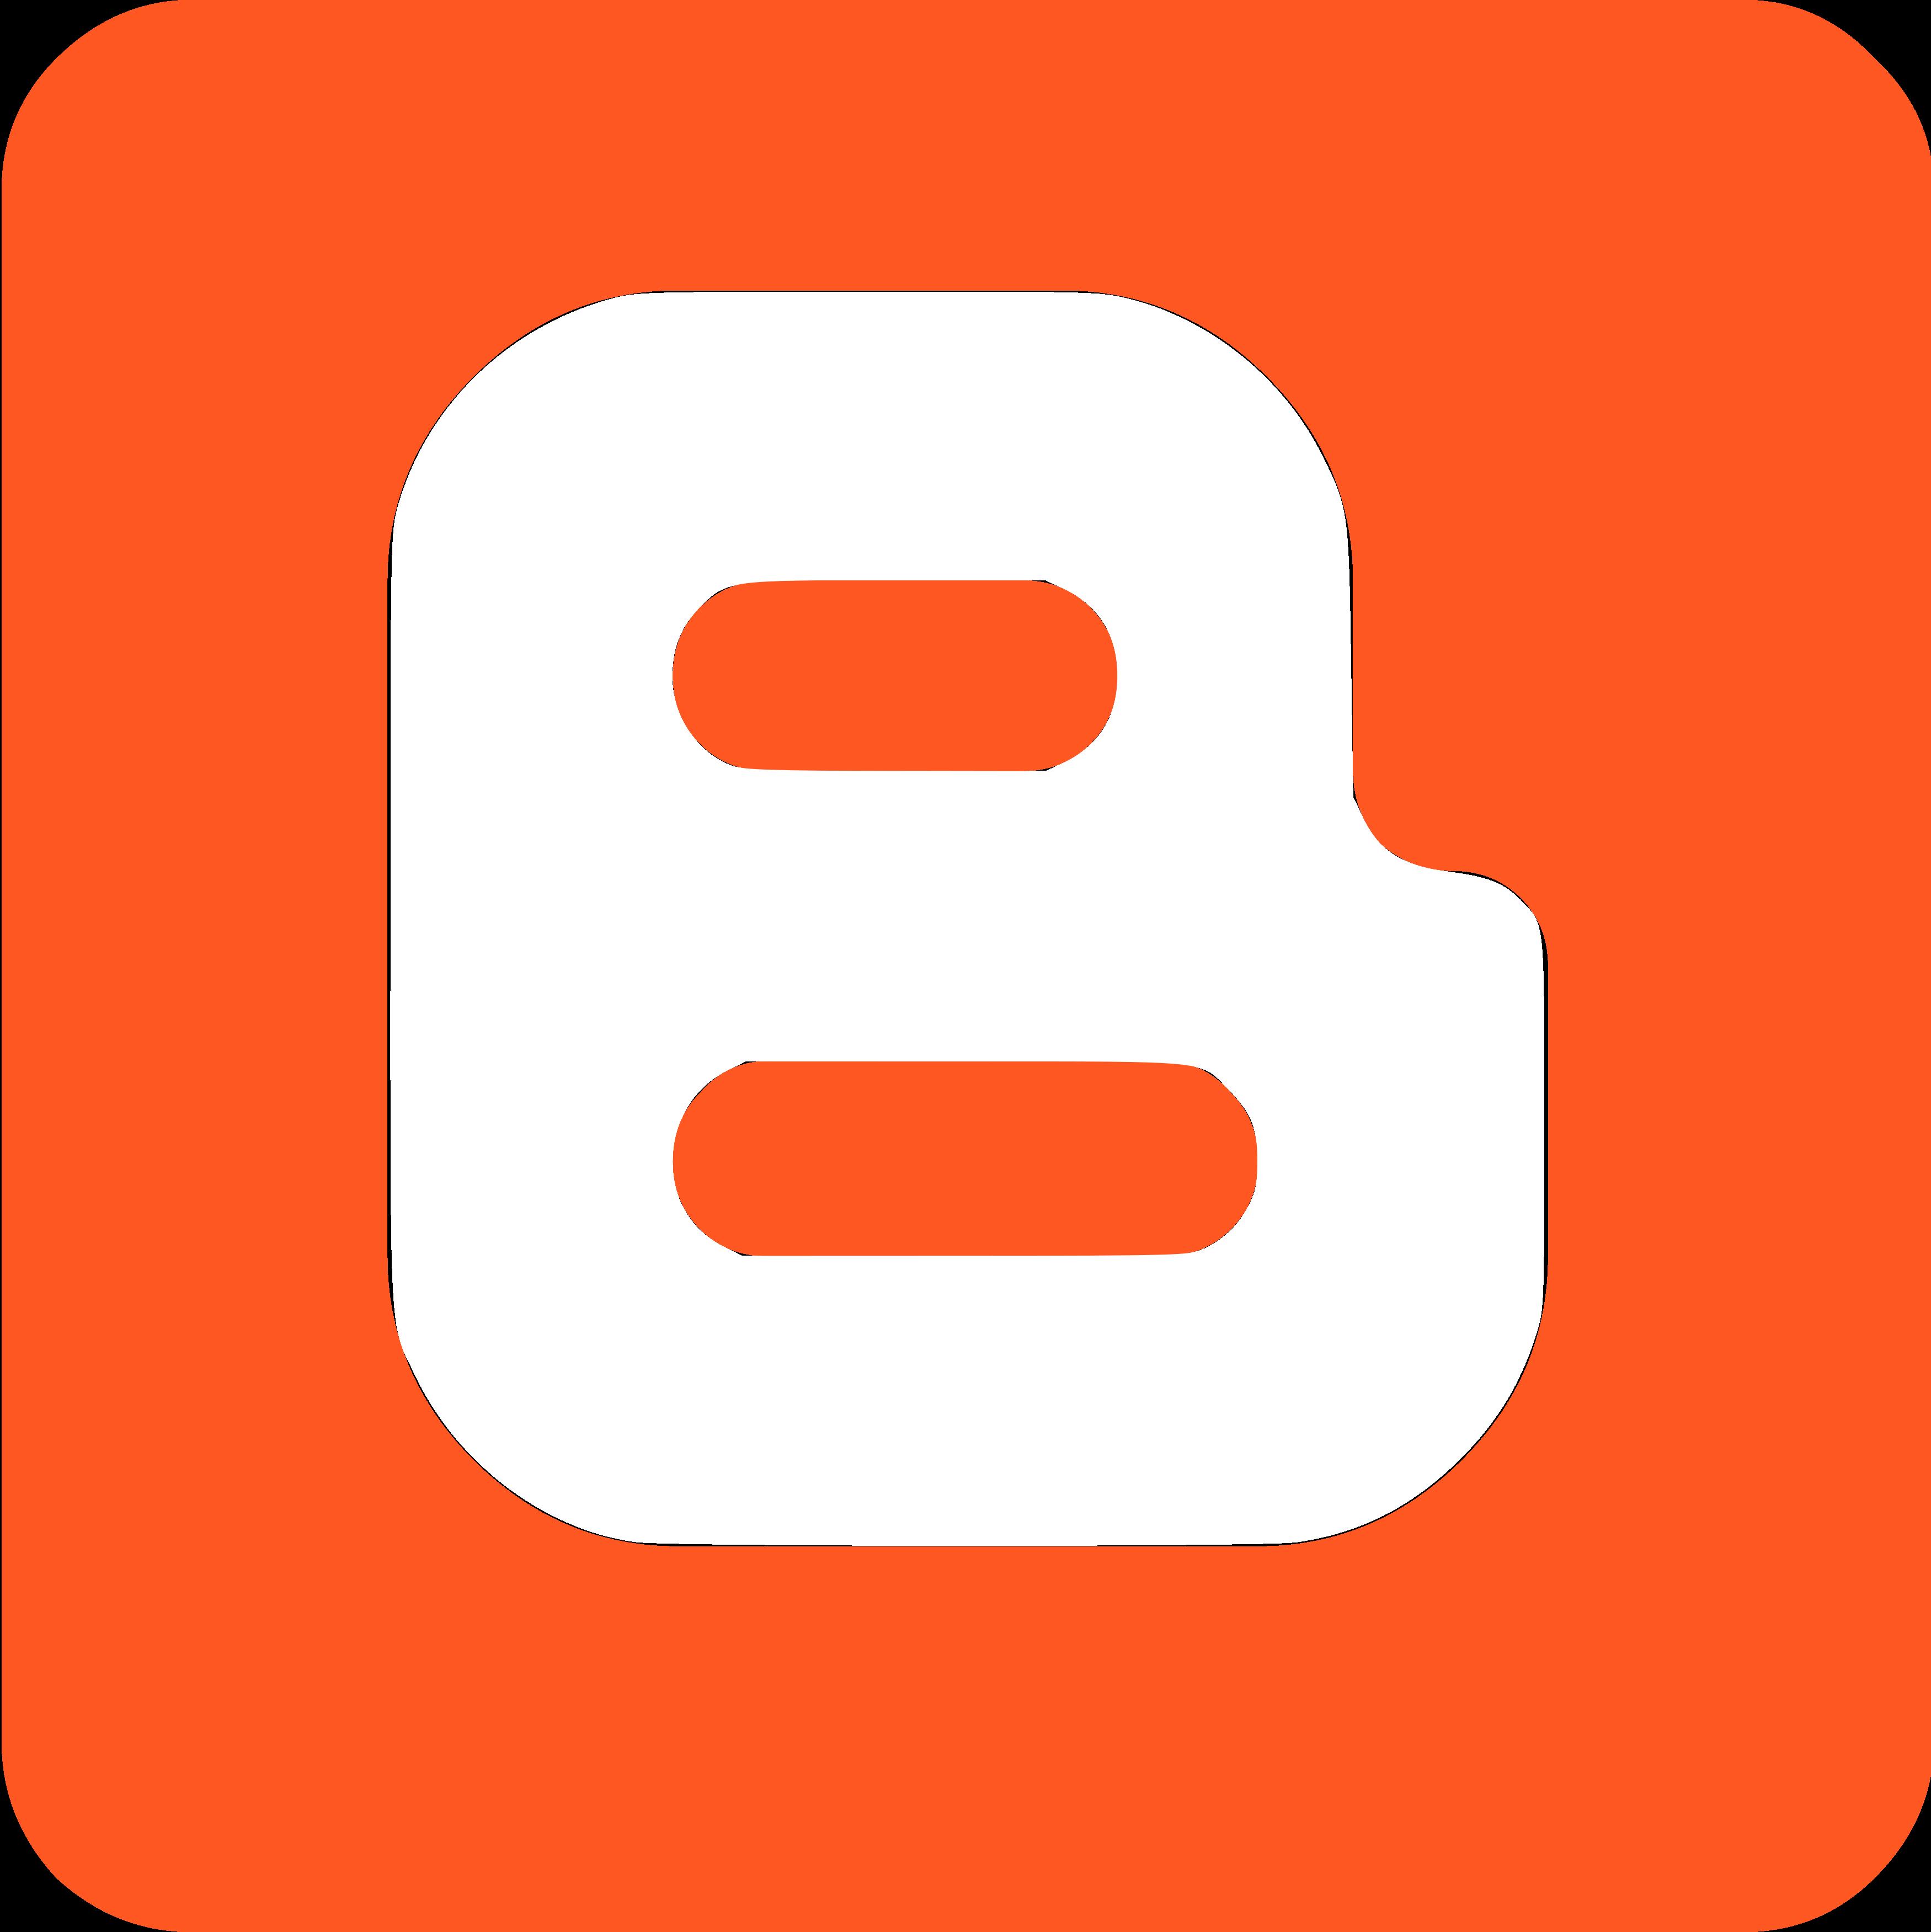 blogger logo icon 8 - Blogger Logo